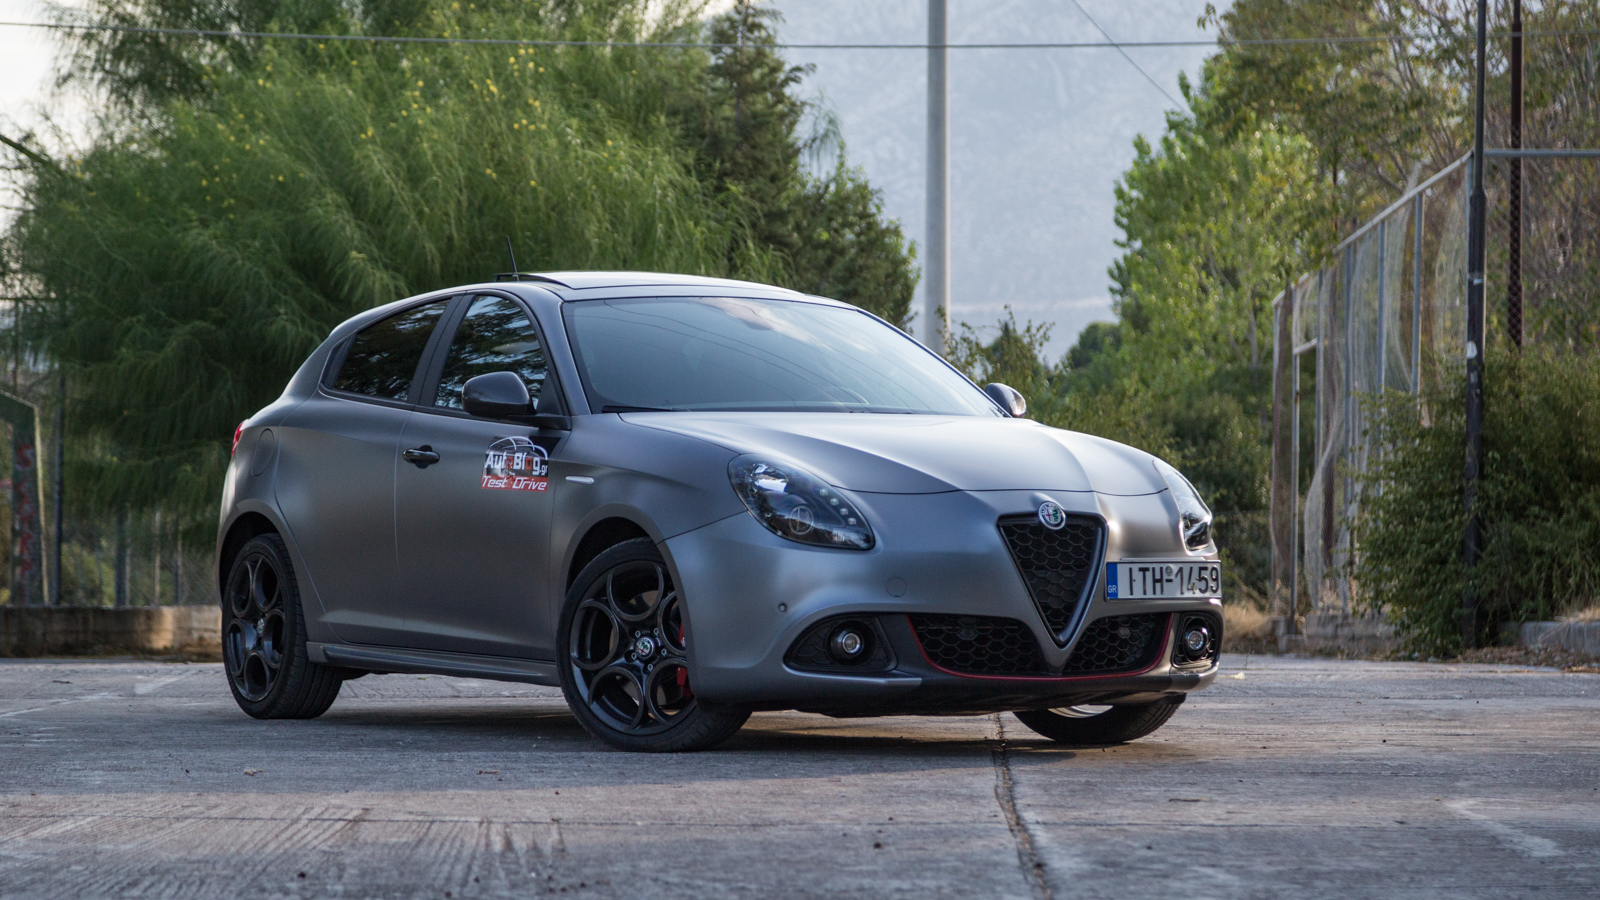 Test_Drive_Alfa_Romeo_Giulietta_TCT_1.6_JTDM-2_06